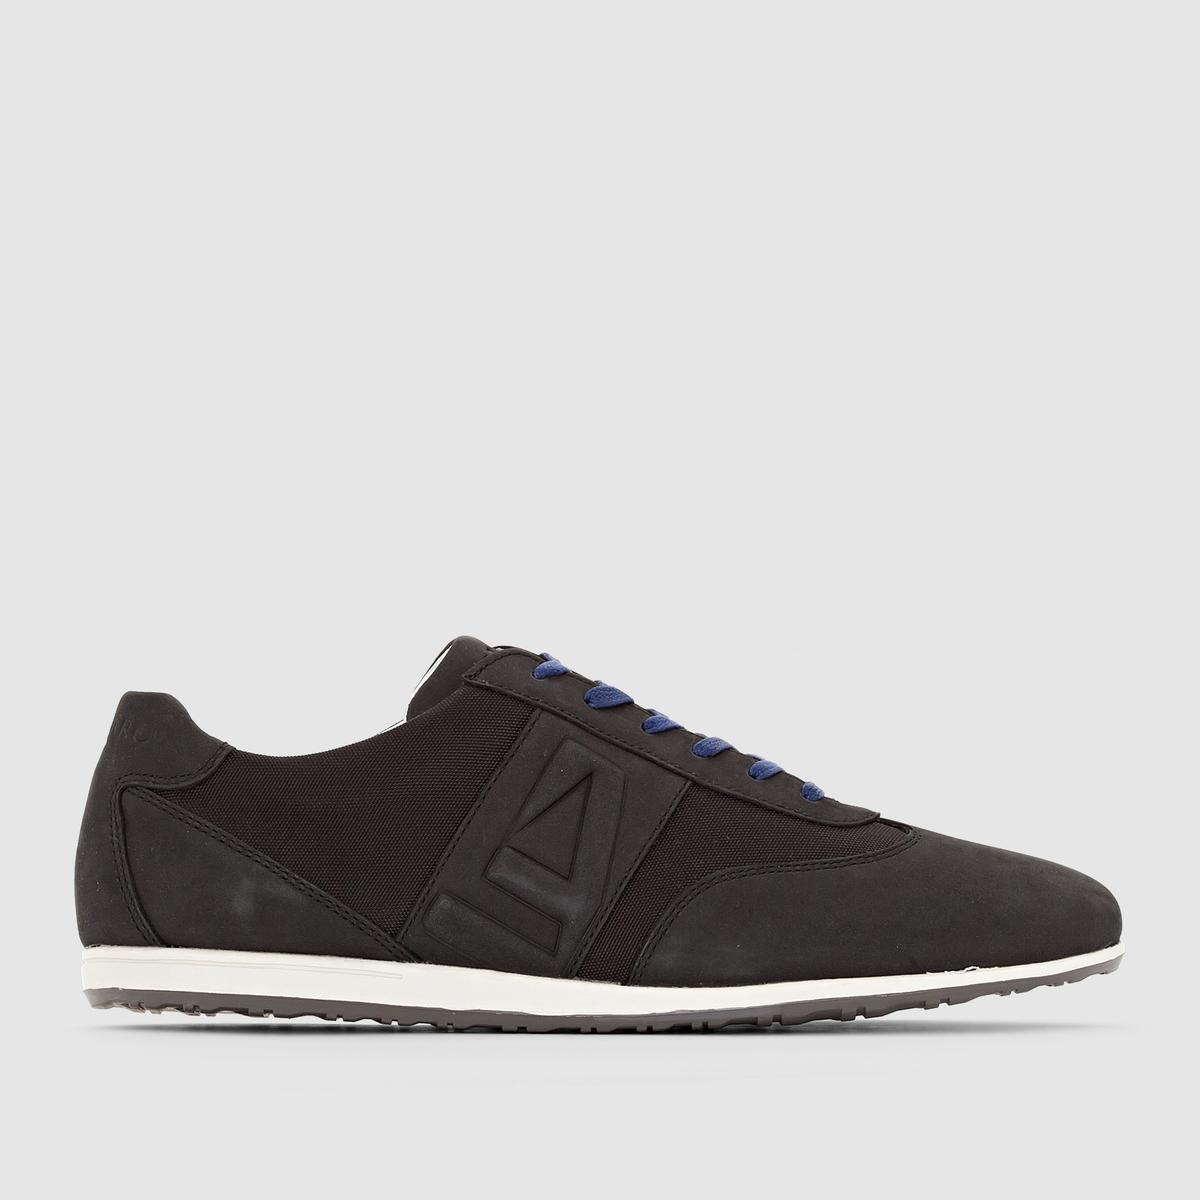 Azzaro ParkeranКеды для городской жизни: привлекают стильной контрастной шнуровкой и своей современной и элегантной моделью с верхом из нубука и текстиля.<br><br>Цвет: черный<br>Размер: 42